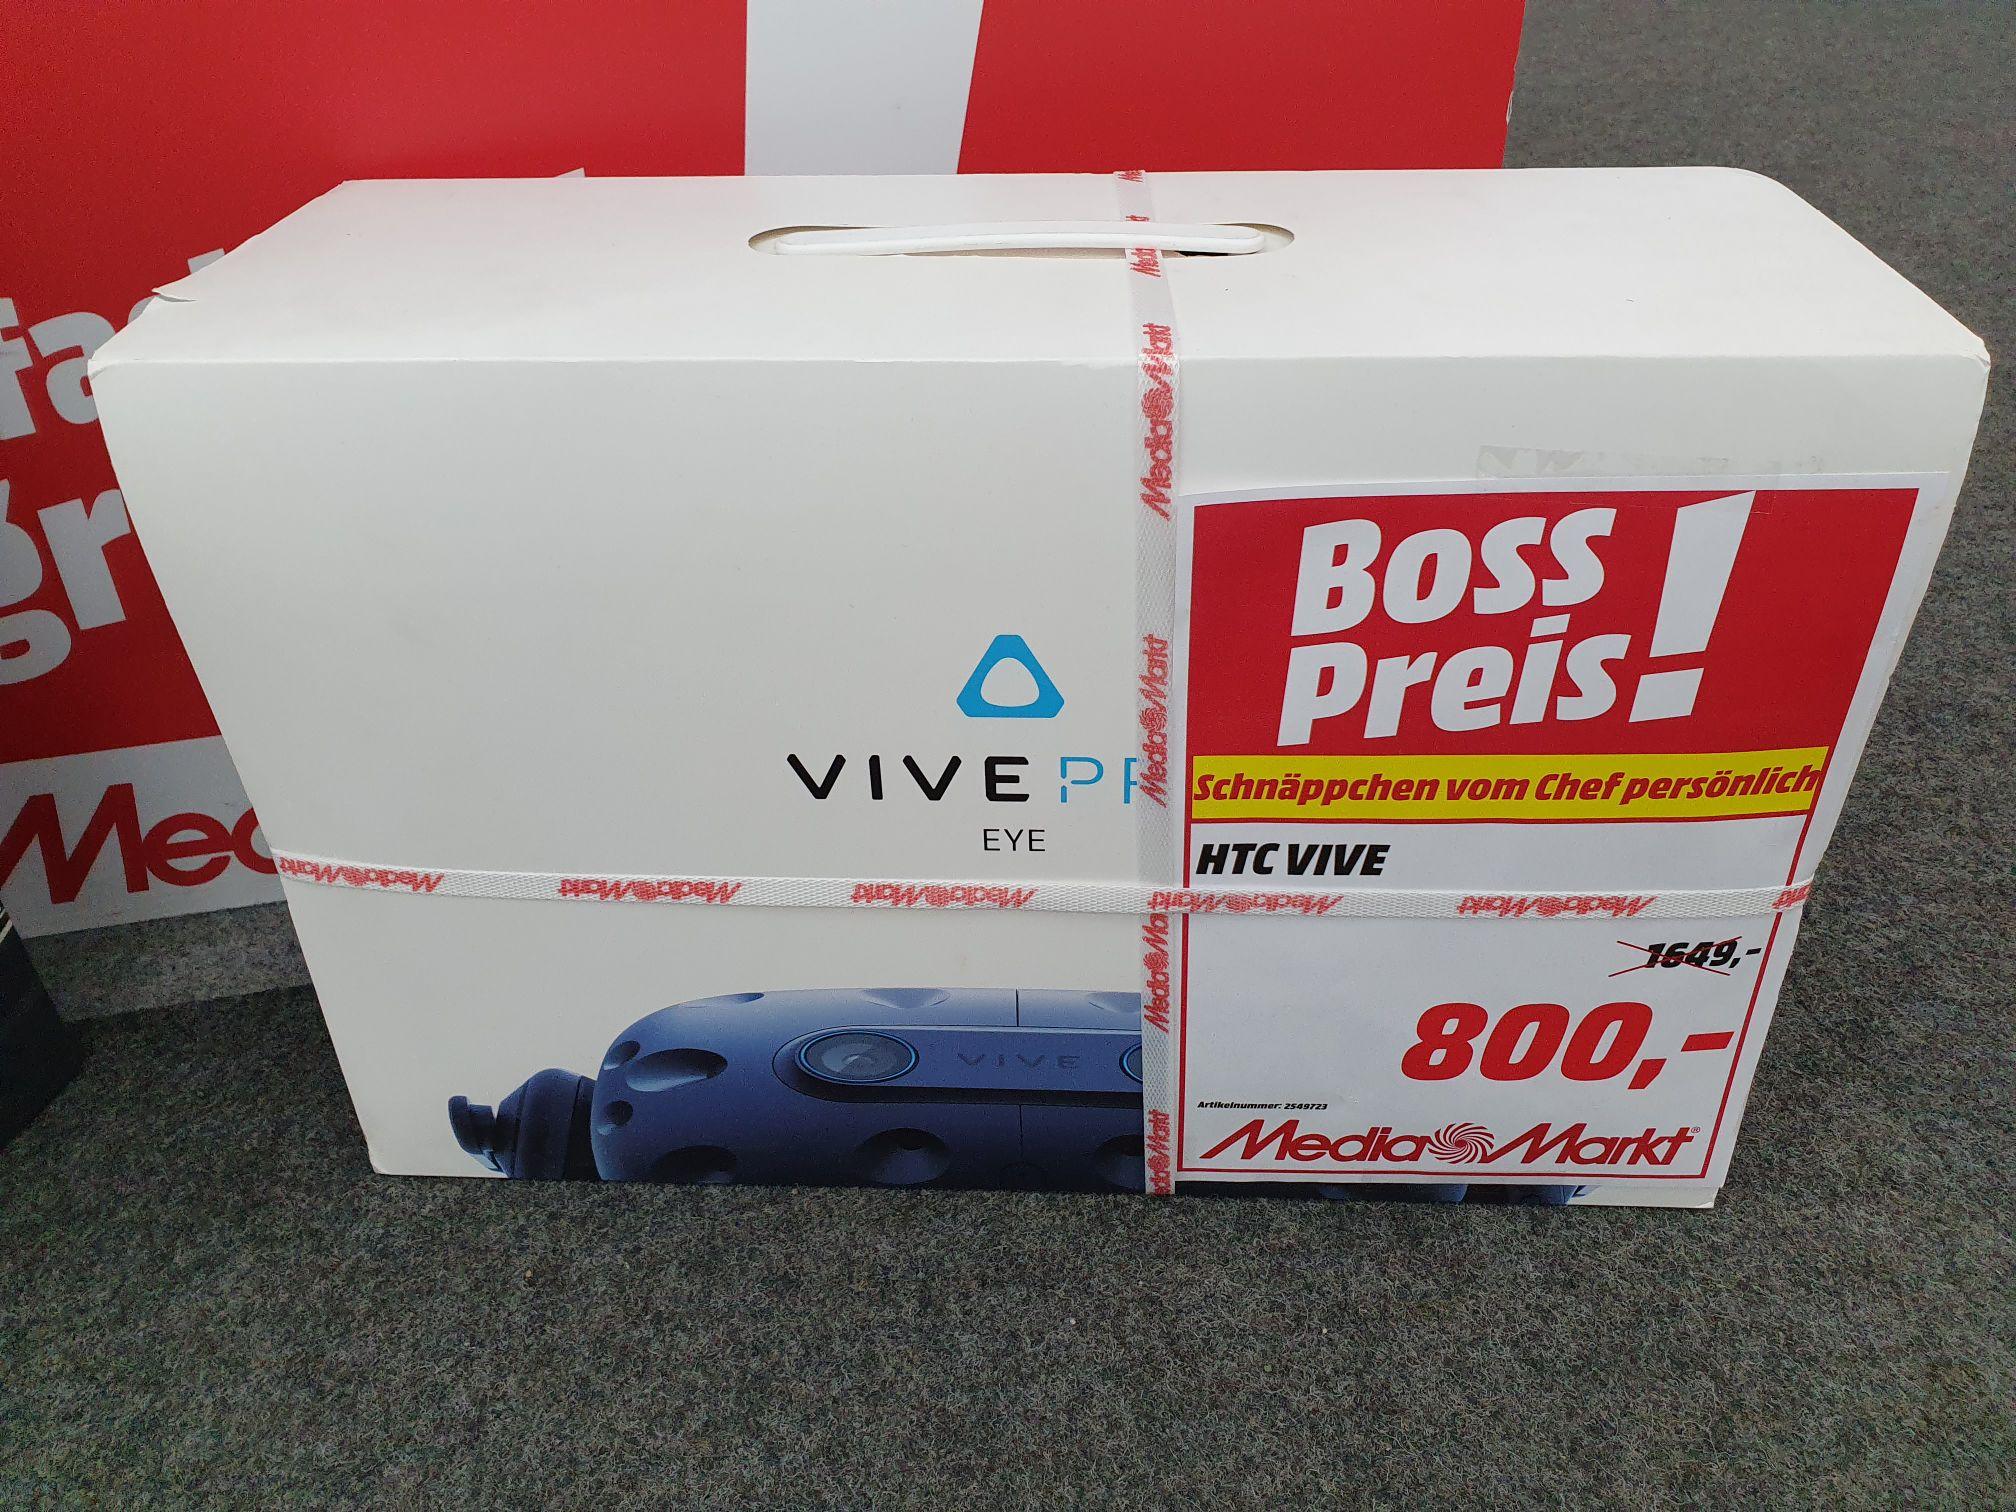 (Lokal Media Markt Schloss Steglitz) HTC Vive Pro Eye Full Kit